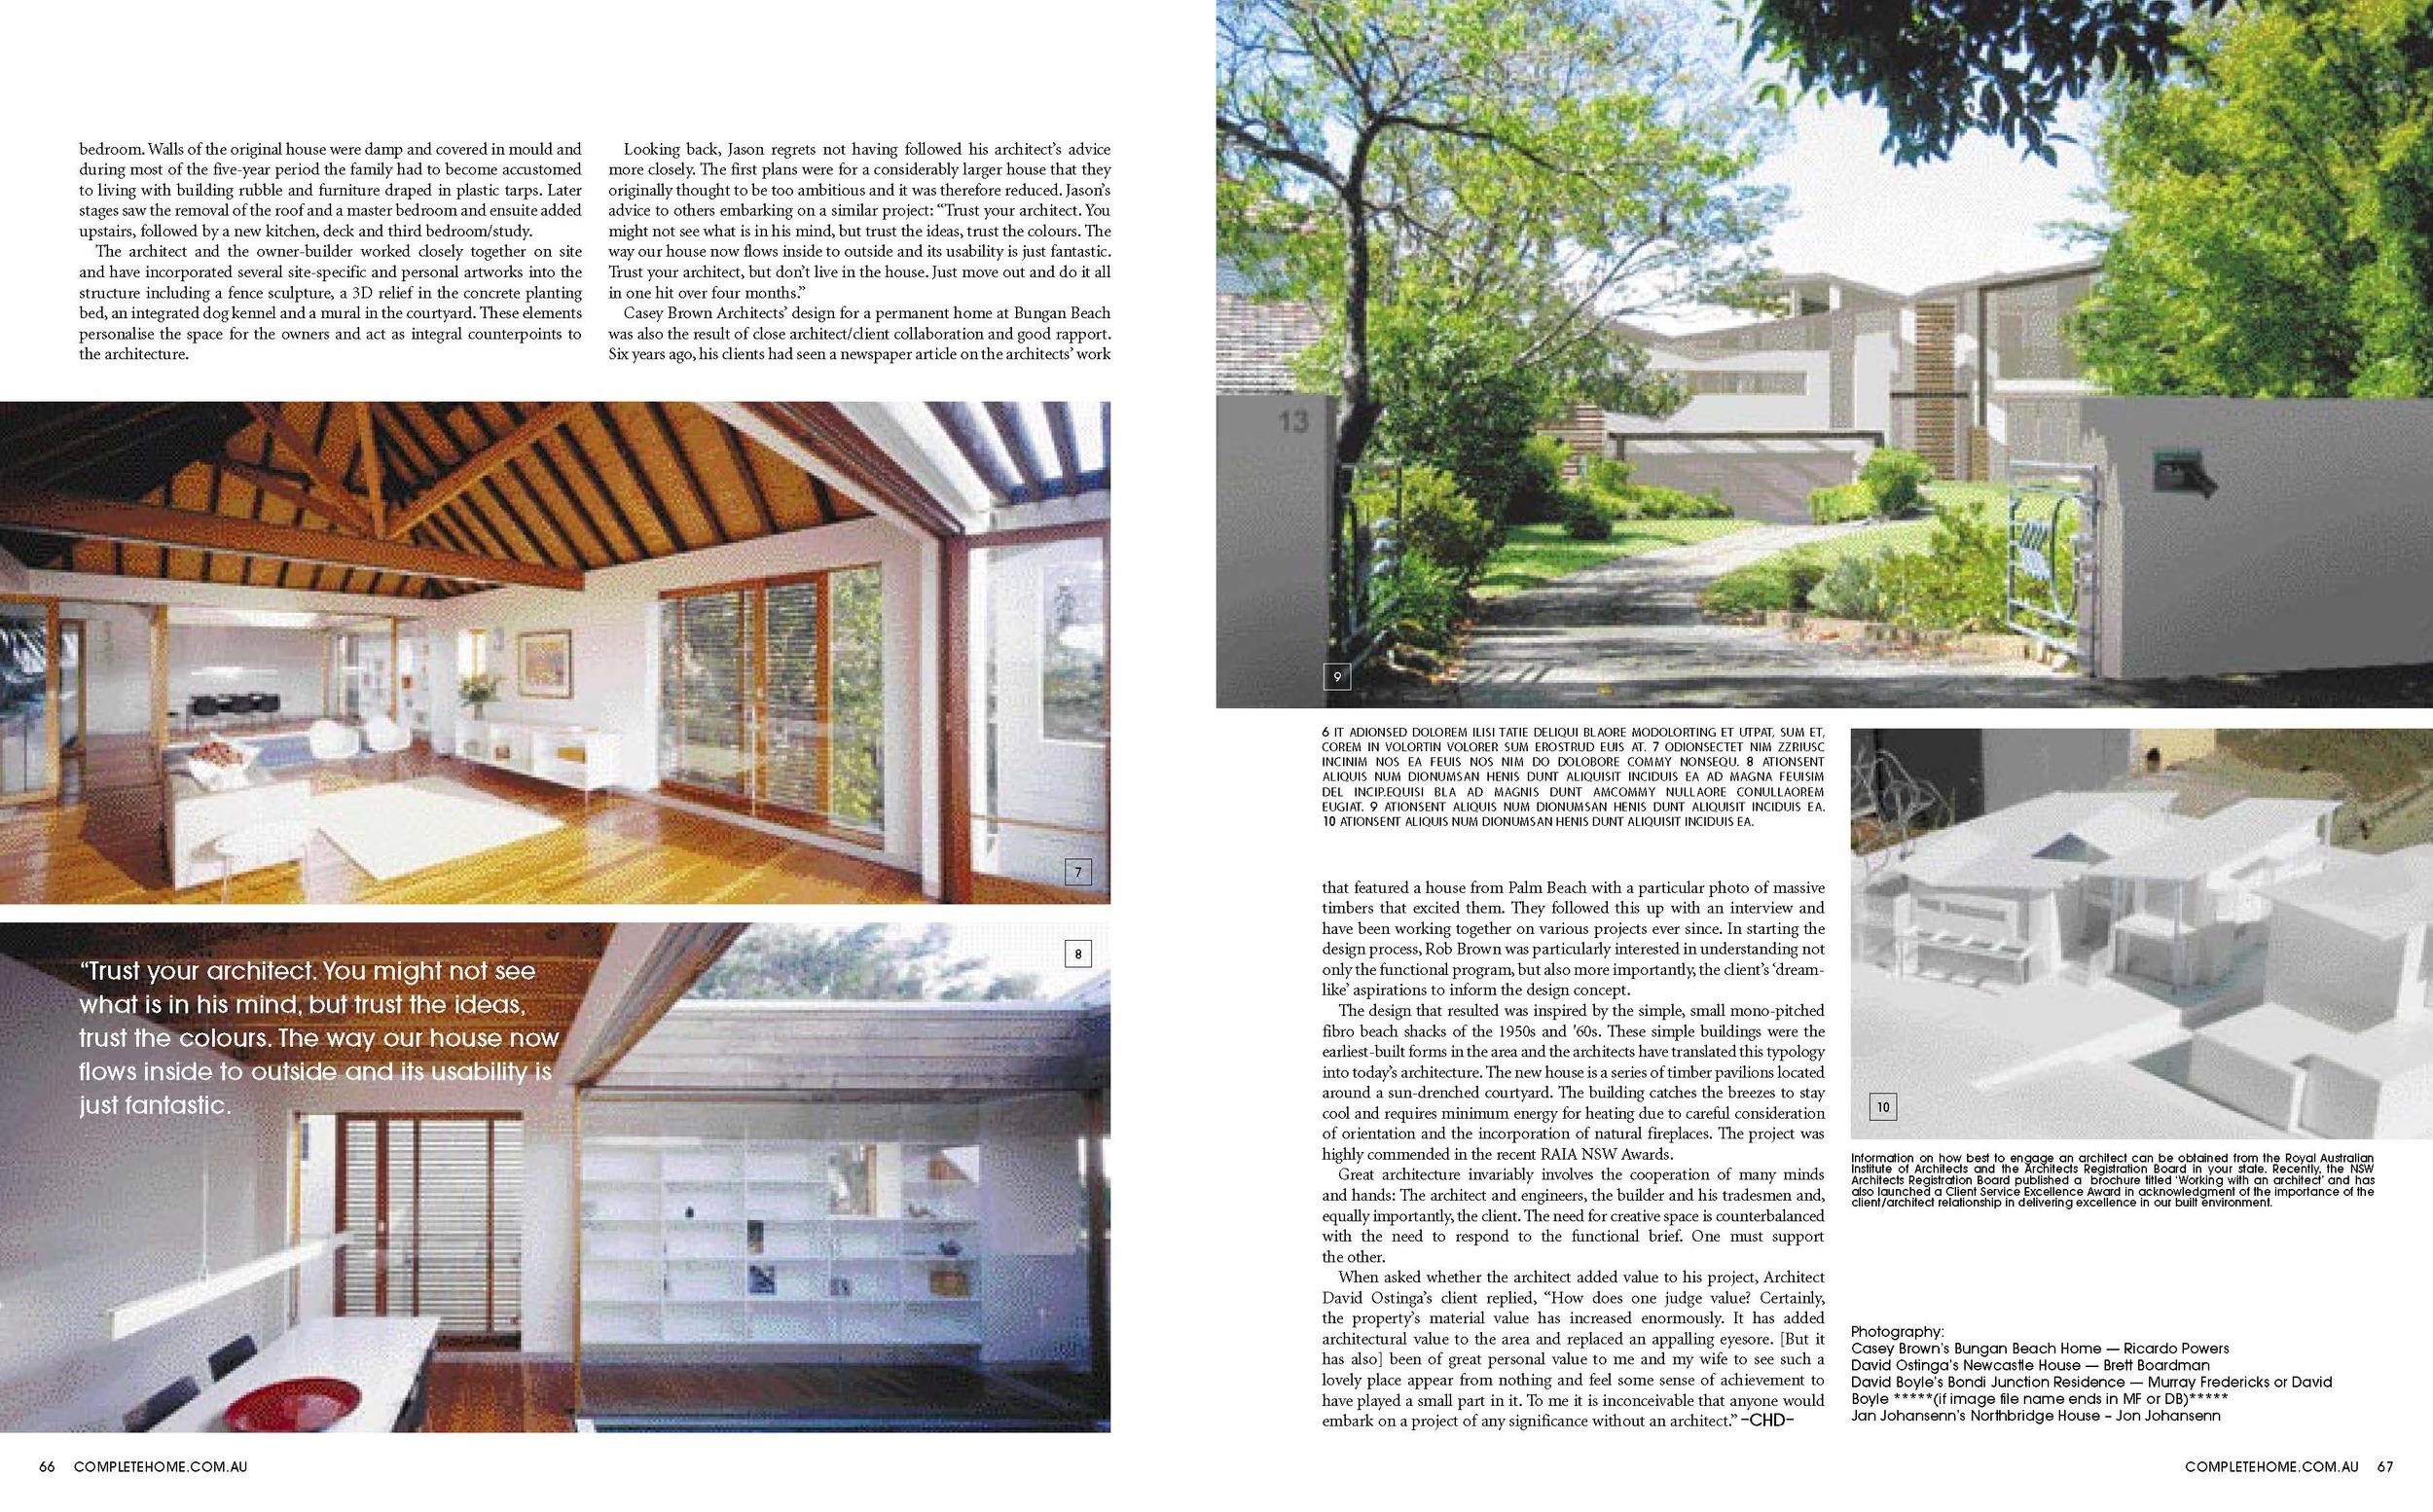 Contemporary Home design_RIAA_Page_3.jpg